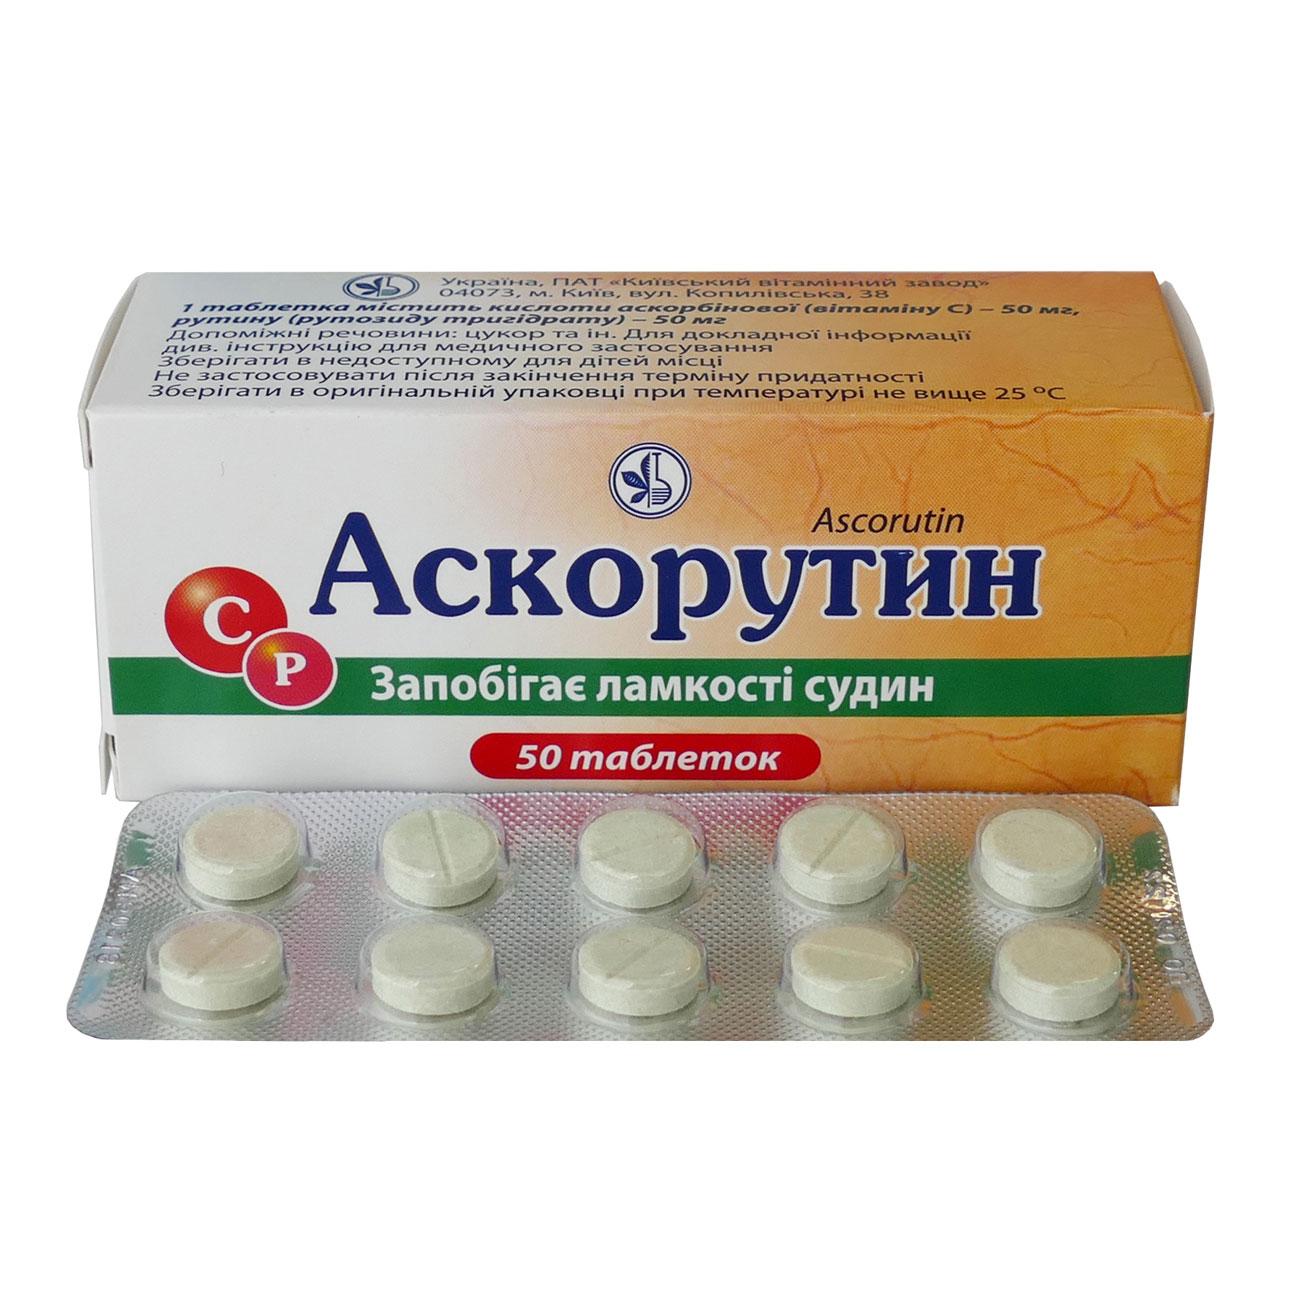 Аскорутин: инструкция по применению витаминов для взрослых и детей